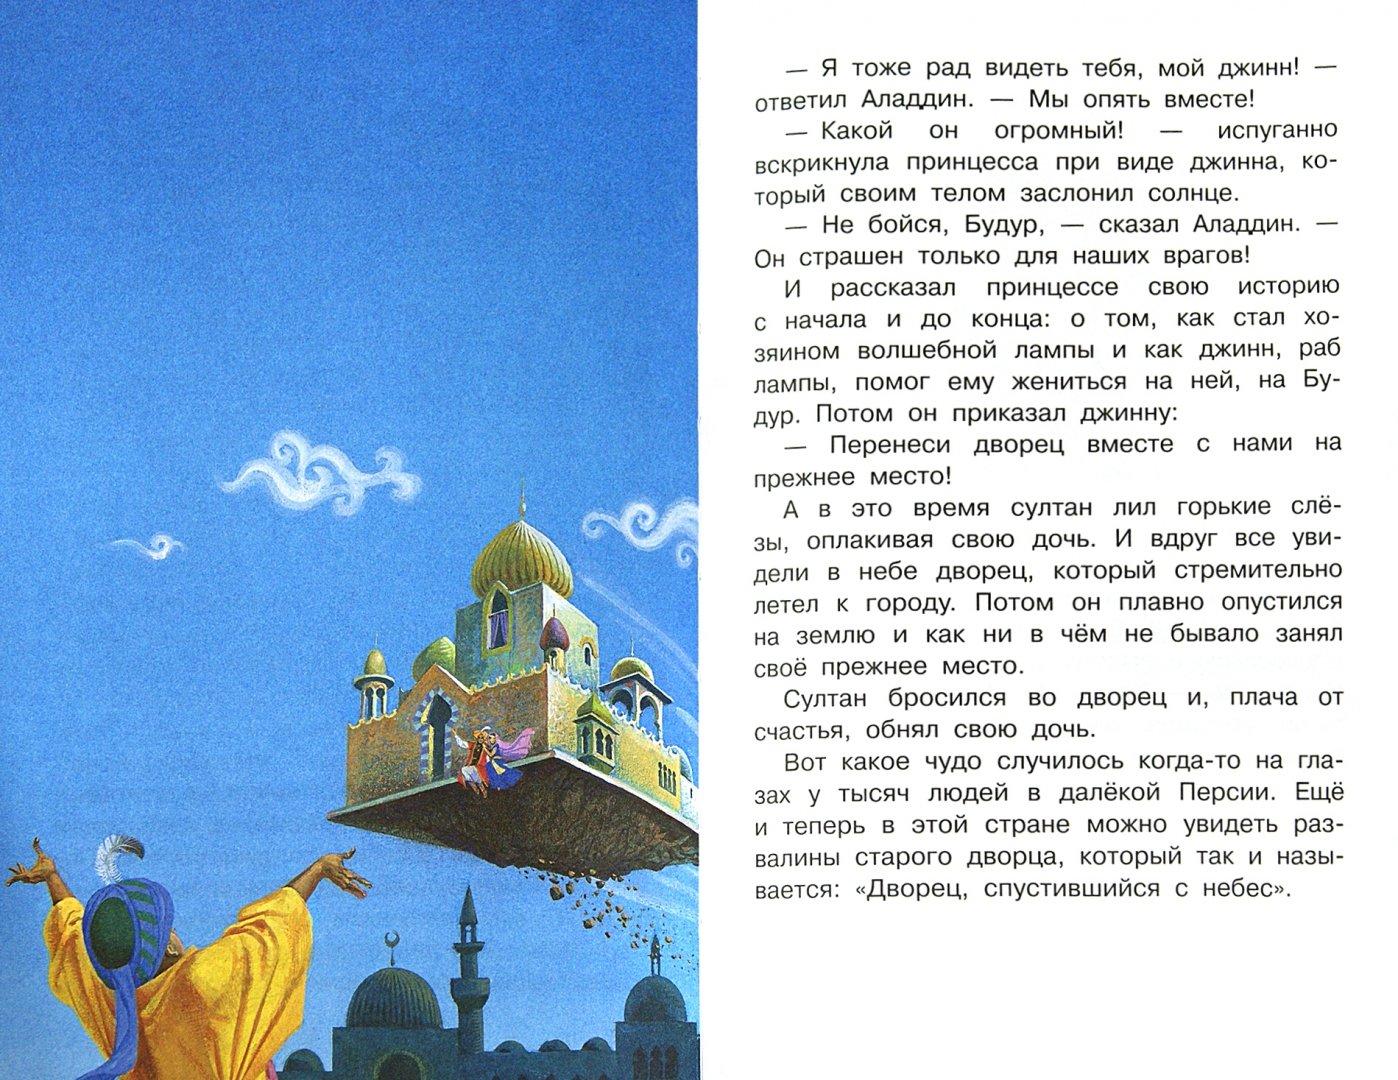 Иллюстрация 1 из 16 для Путешествия Синдбада-морехода - Вильгельм Гауф   Лабиринт - книги. Источник: Лабиринт